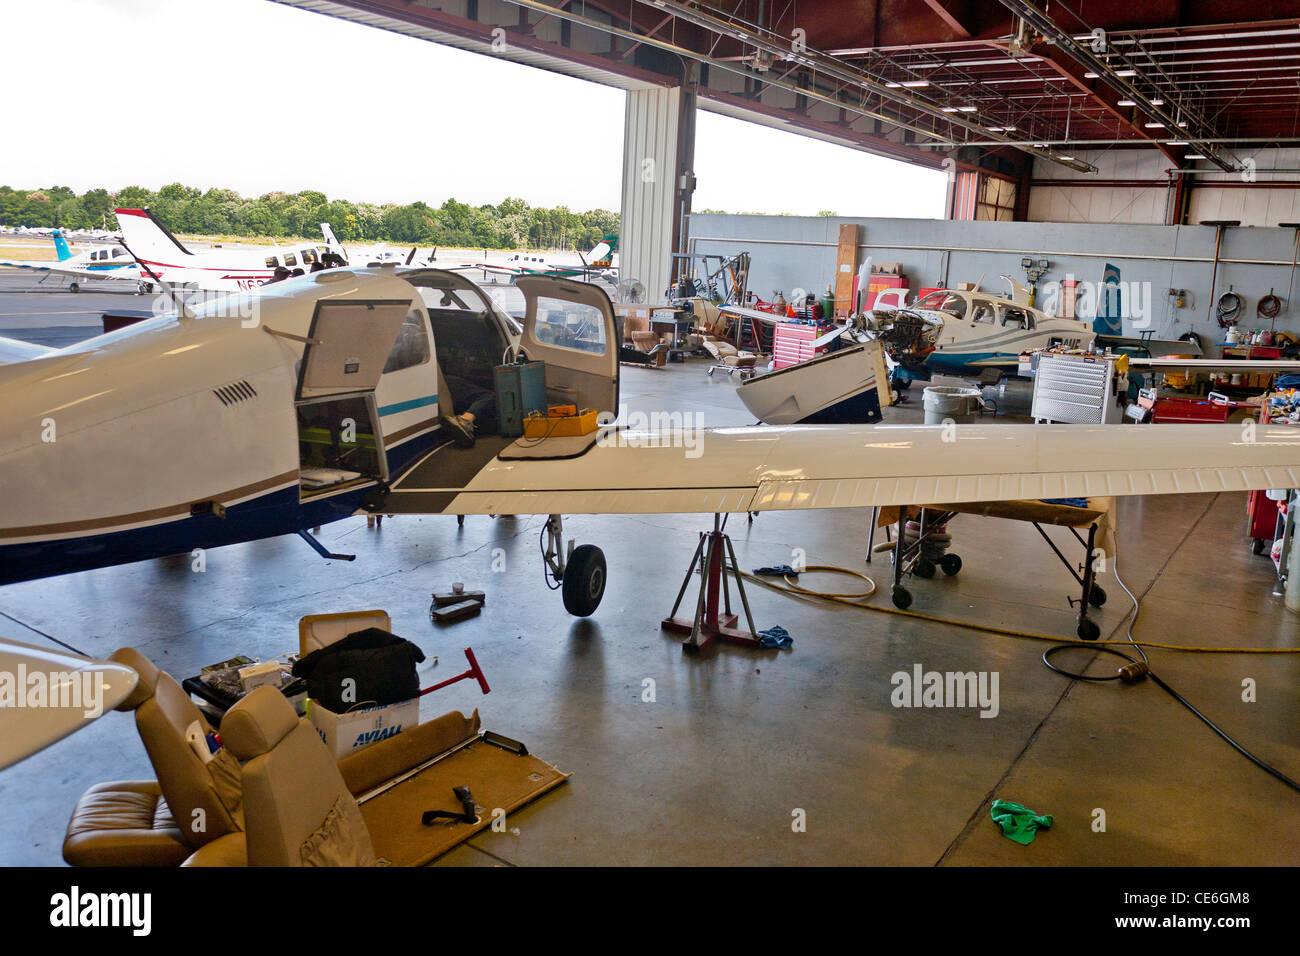 Eine Gruppe von Flugzeug sitzen im Inneren der Flugzeug-Kleiderbügel mit Flugzeugmotor Reparaturen durchgeführt Stockbild